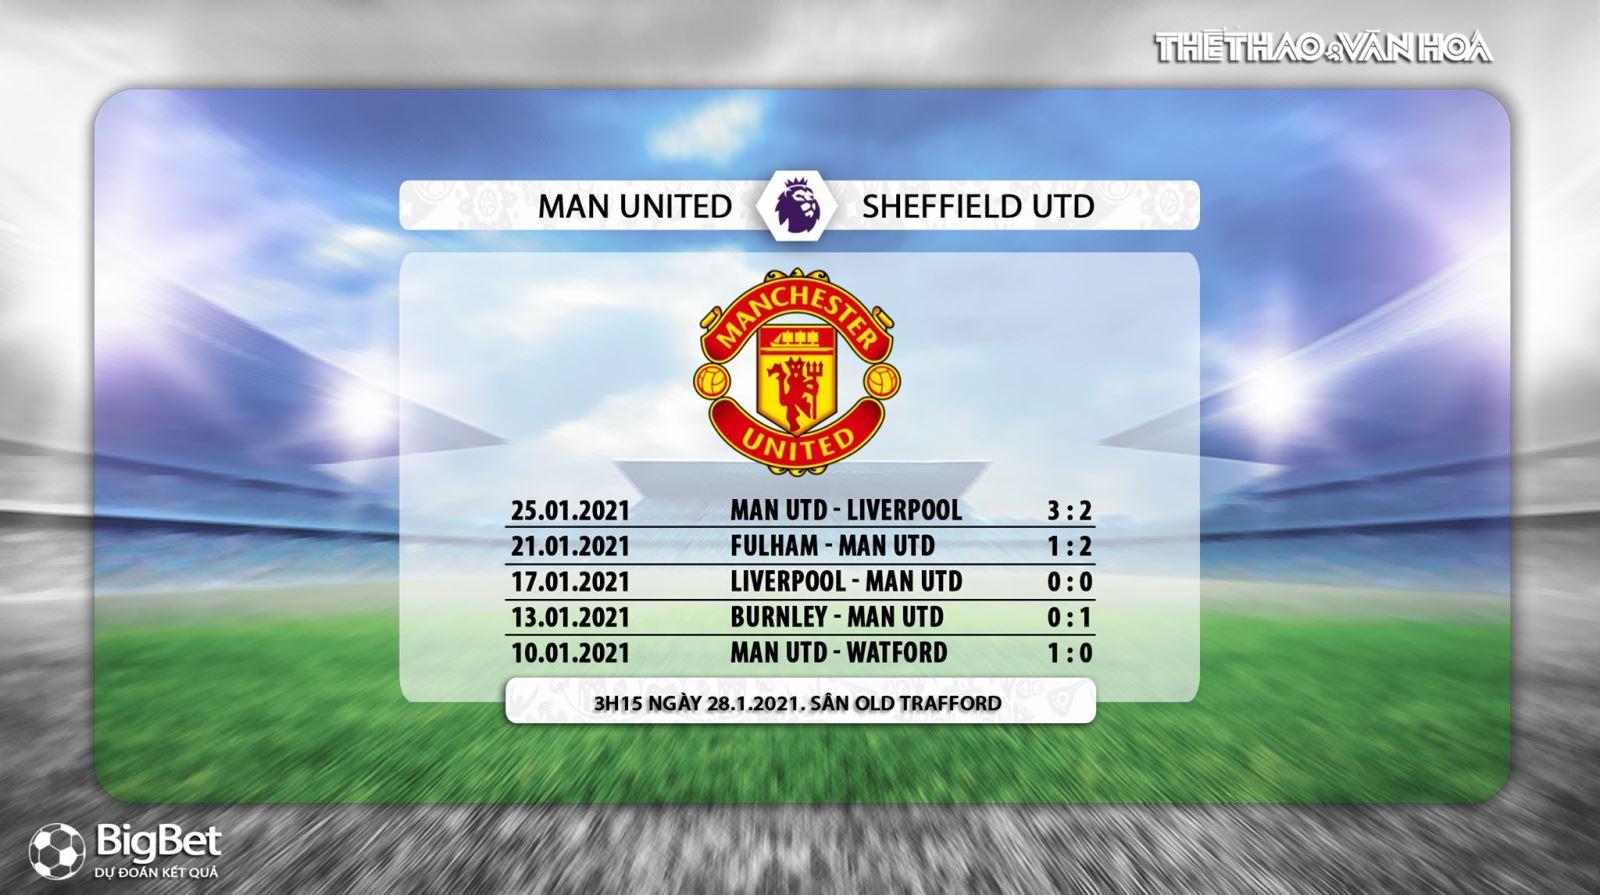 Keo nha cai.MU vs Sheffield Utd. Vòng 20 giải Ngoại hạng Anh. Trực tiếp K+PM.Trực tiếp bóng đá. Trực tiếp Man United đấu vớiSheffield Utd. Kèo bóng đá Man United